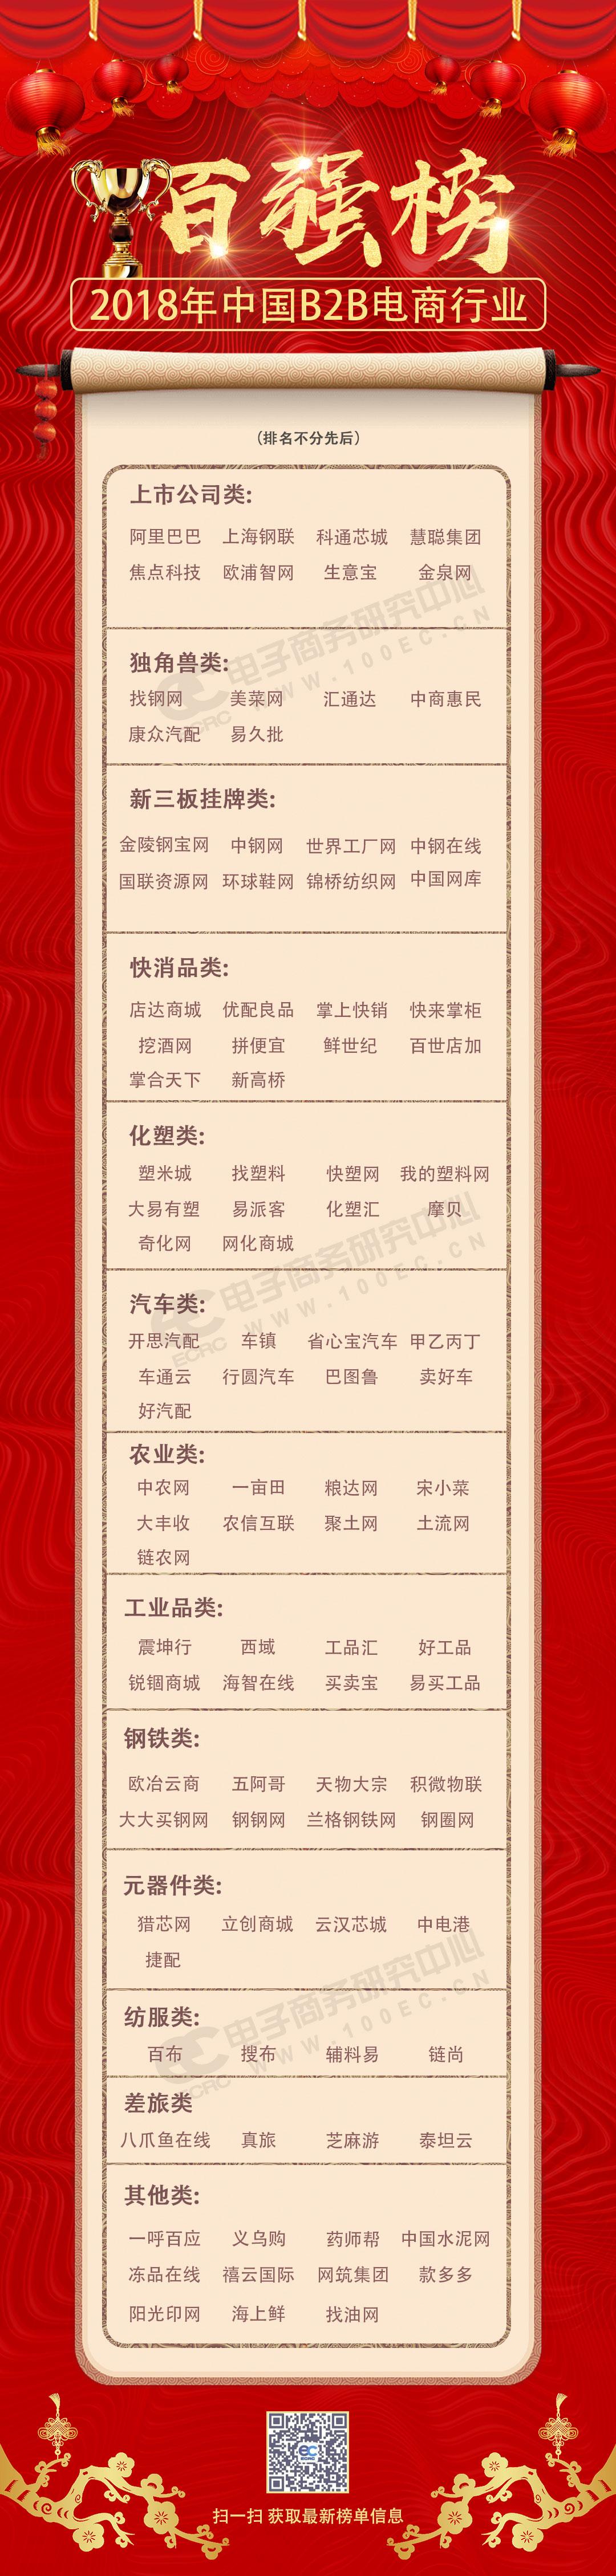 2018年中国B2B电商行业百强榜.jpg